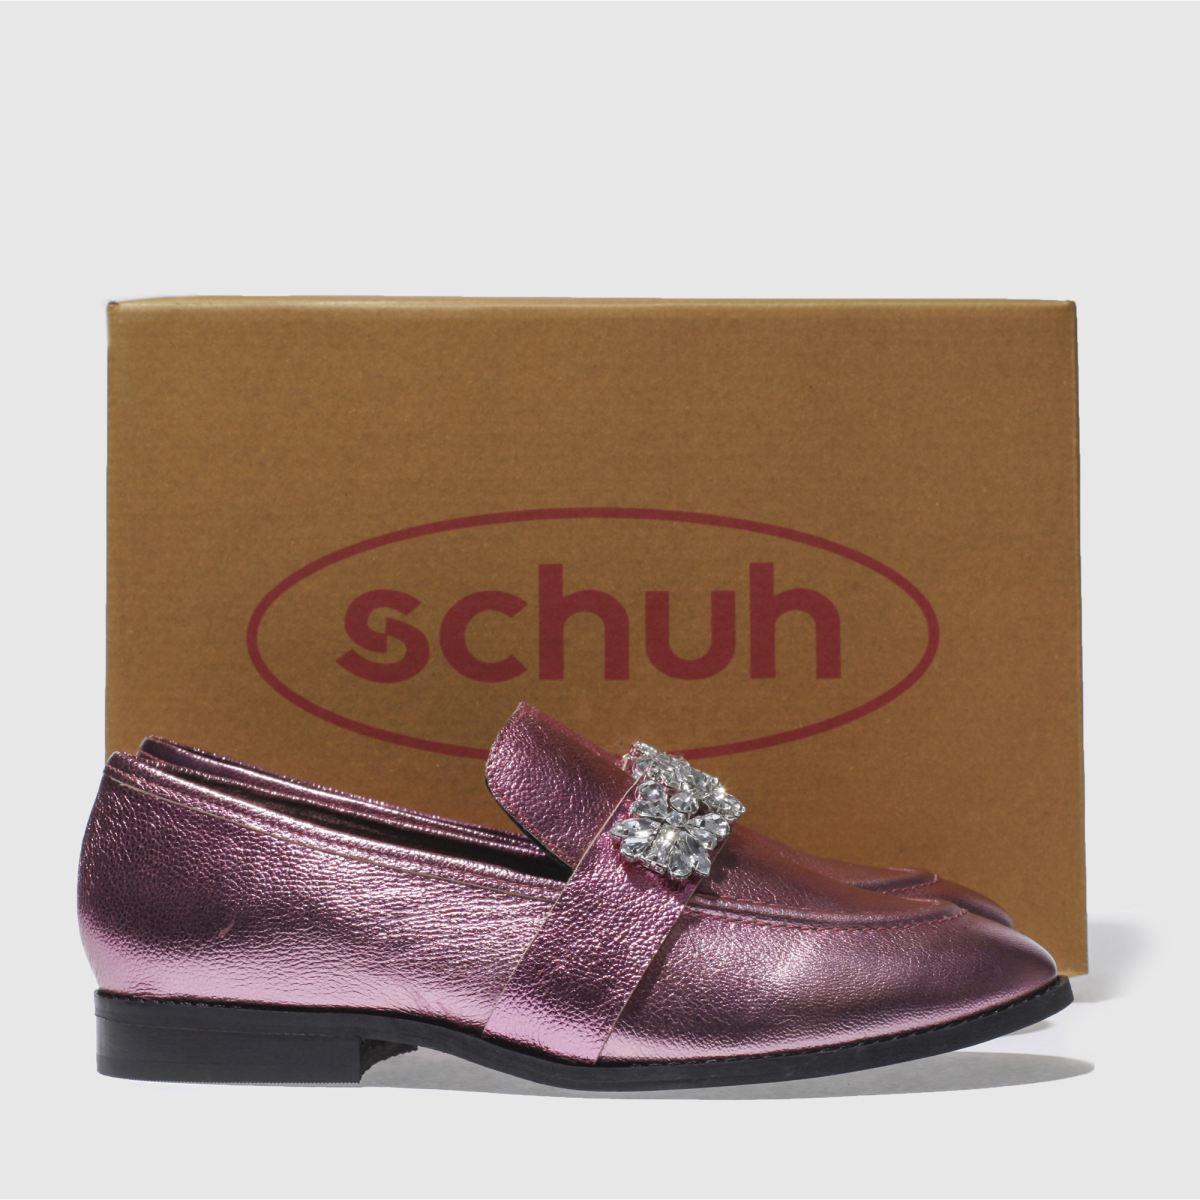 Damen Pink schuh Qualität Lavish Flats | schuh Gute Qualität schuh beliebte Schuhe 2a089b